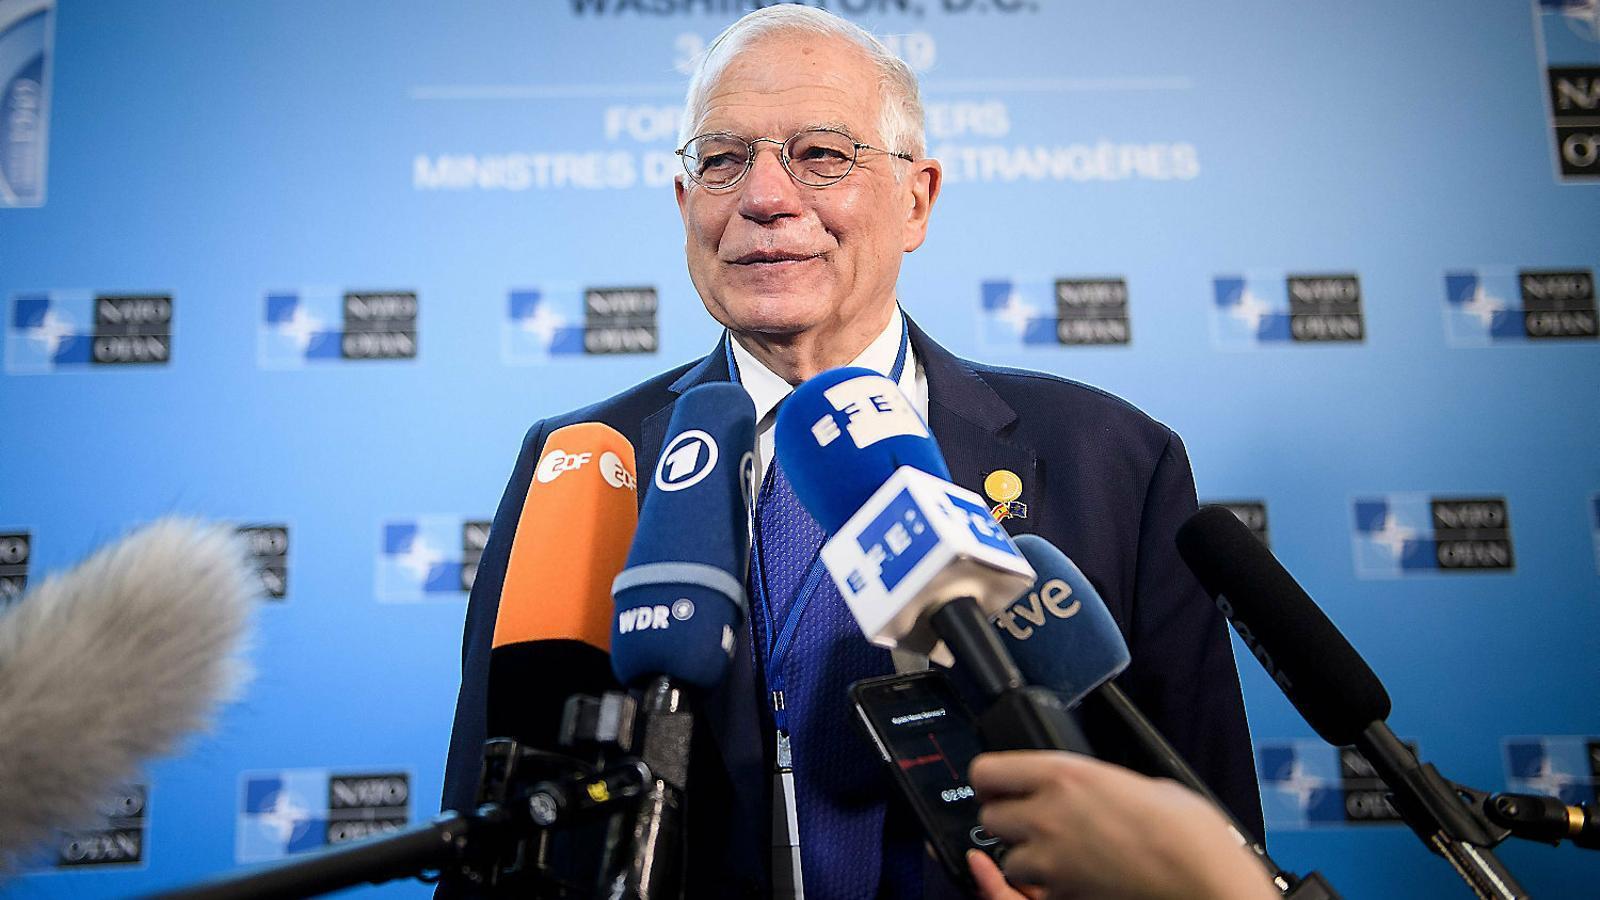 El Govern creu que Borrell donarà volada al Procés a la UE